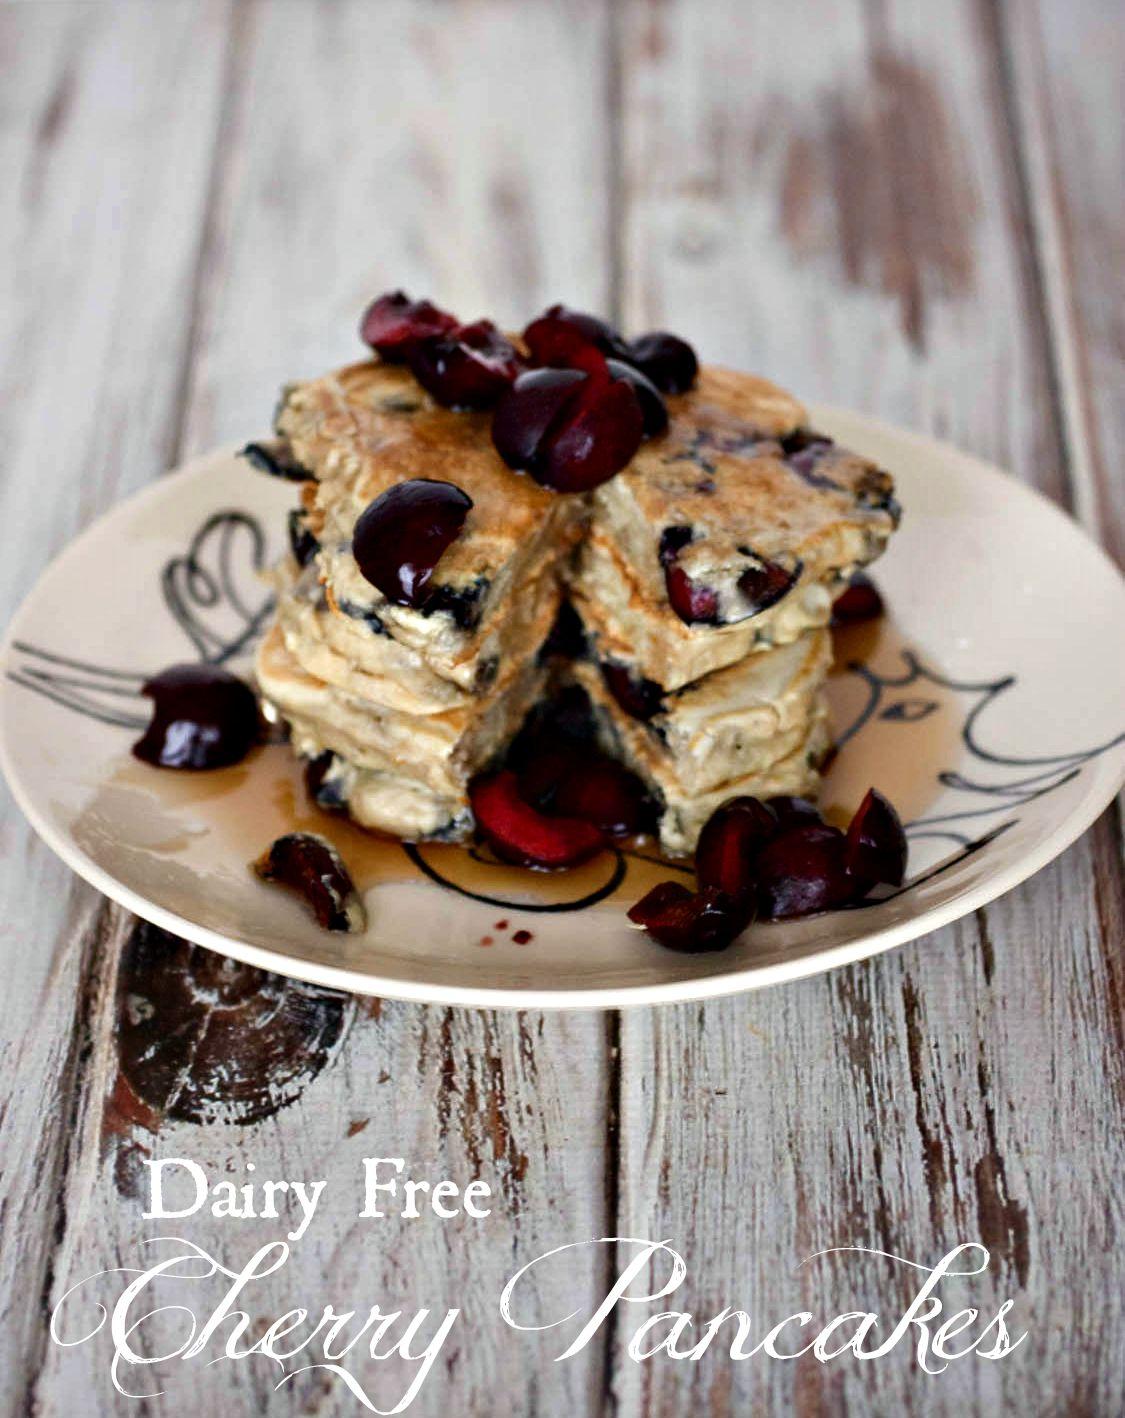 Dairy Free Cherry Pancakes